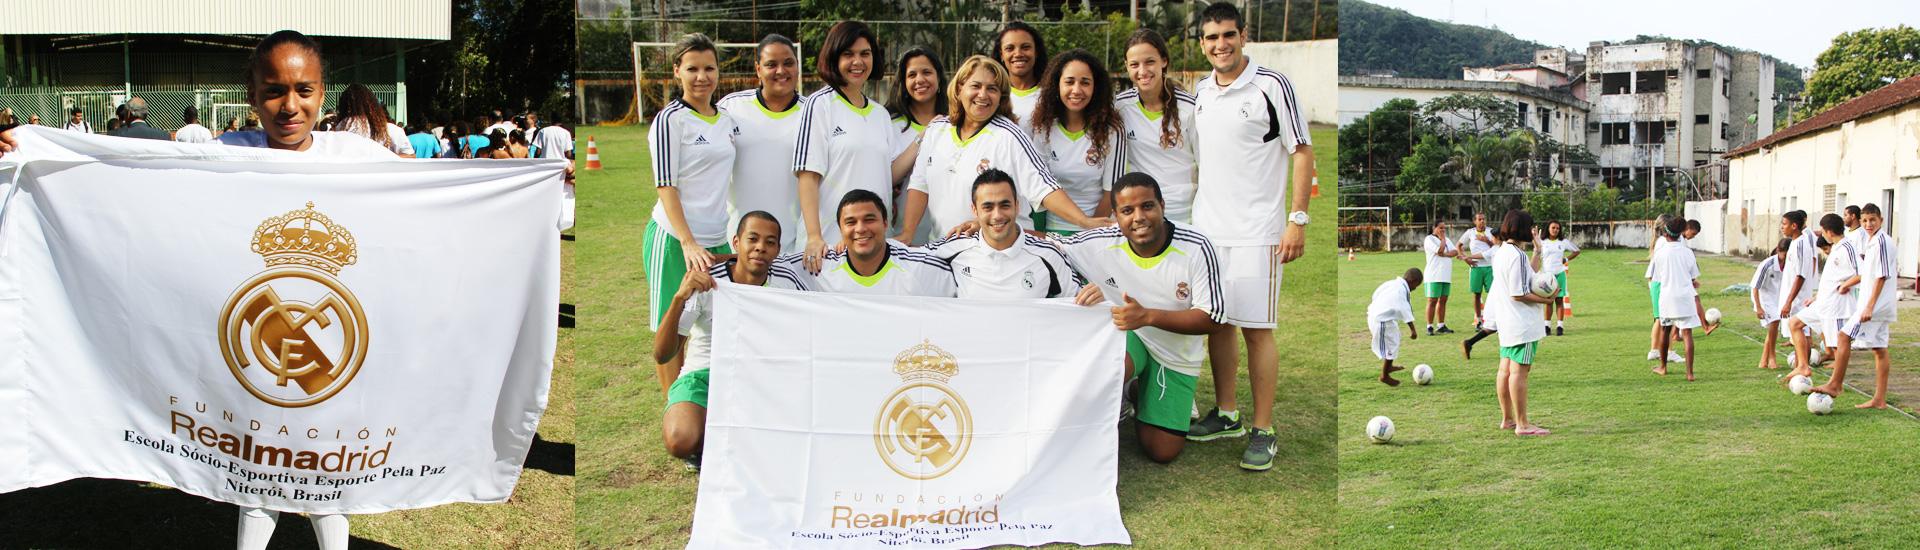 Educación en valores gracias al deporte en Brasil